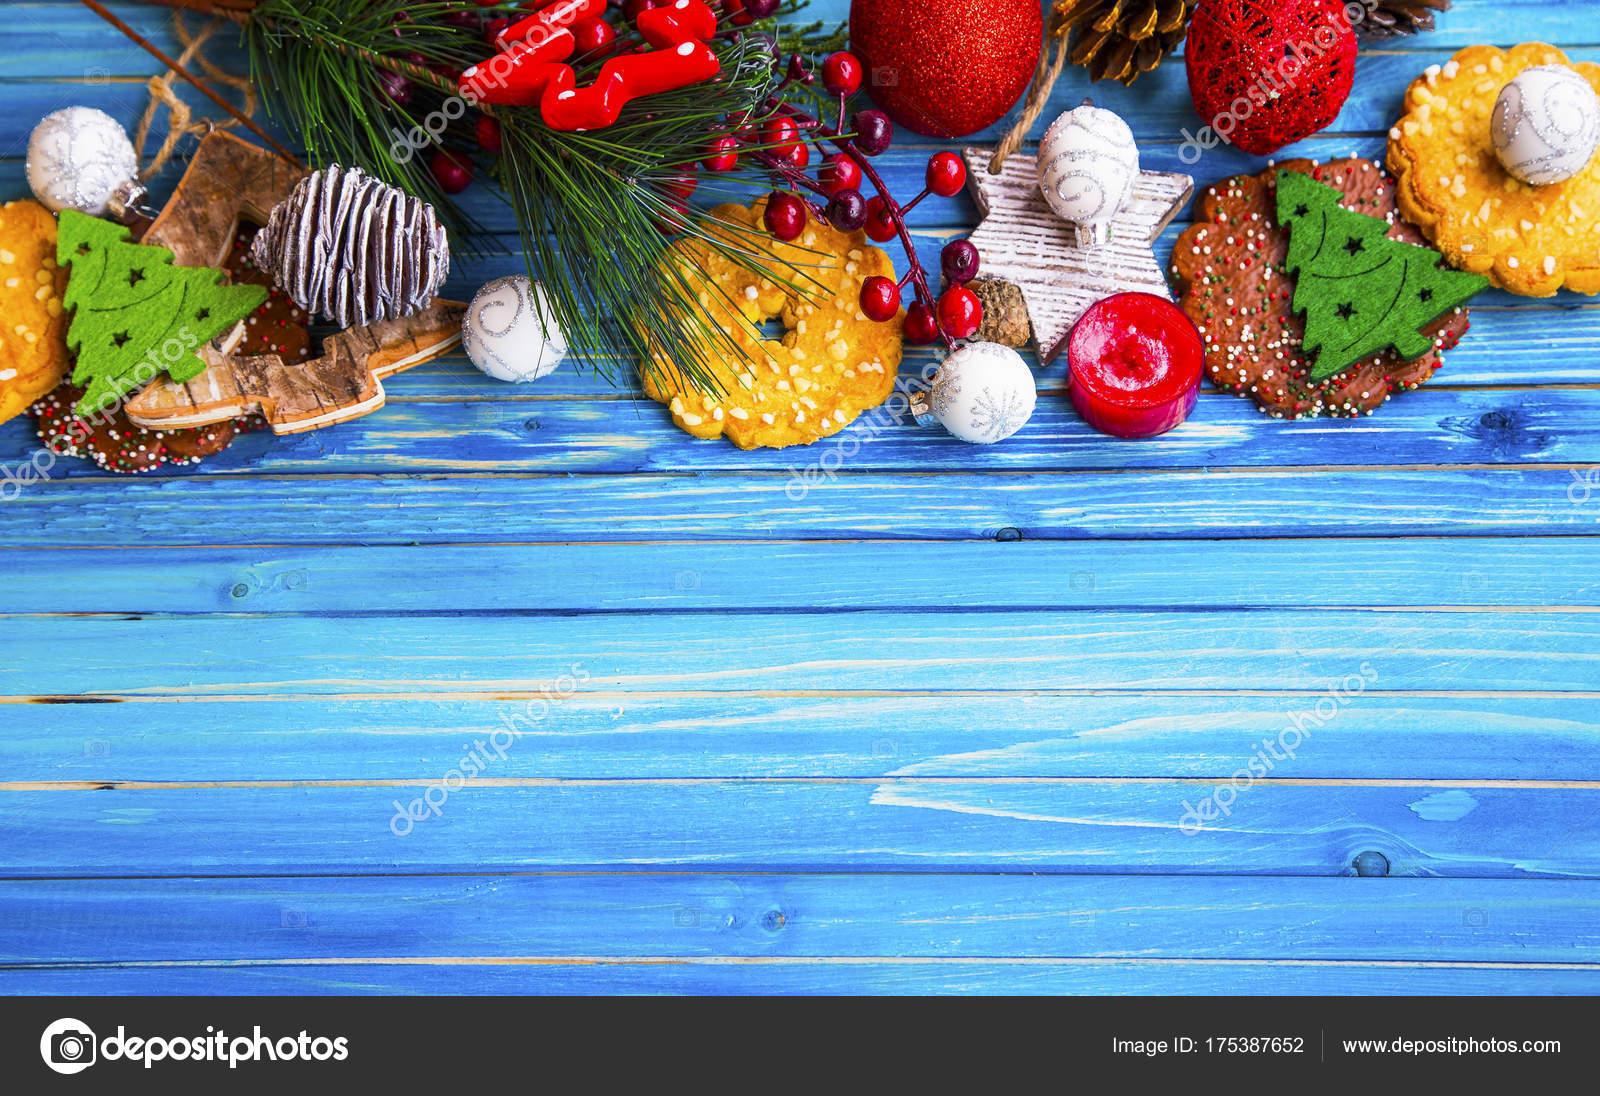 Marco de Navidad con ornamentos festivos y galletas, decoraciones ...